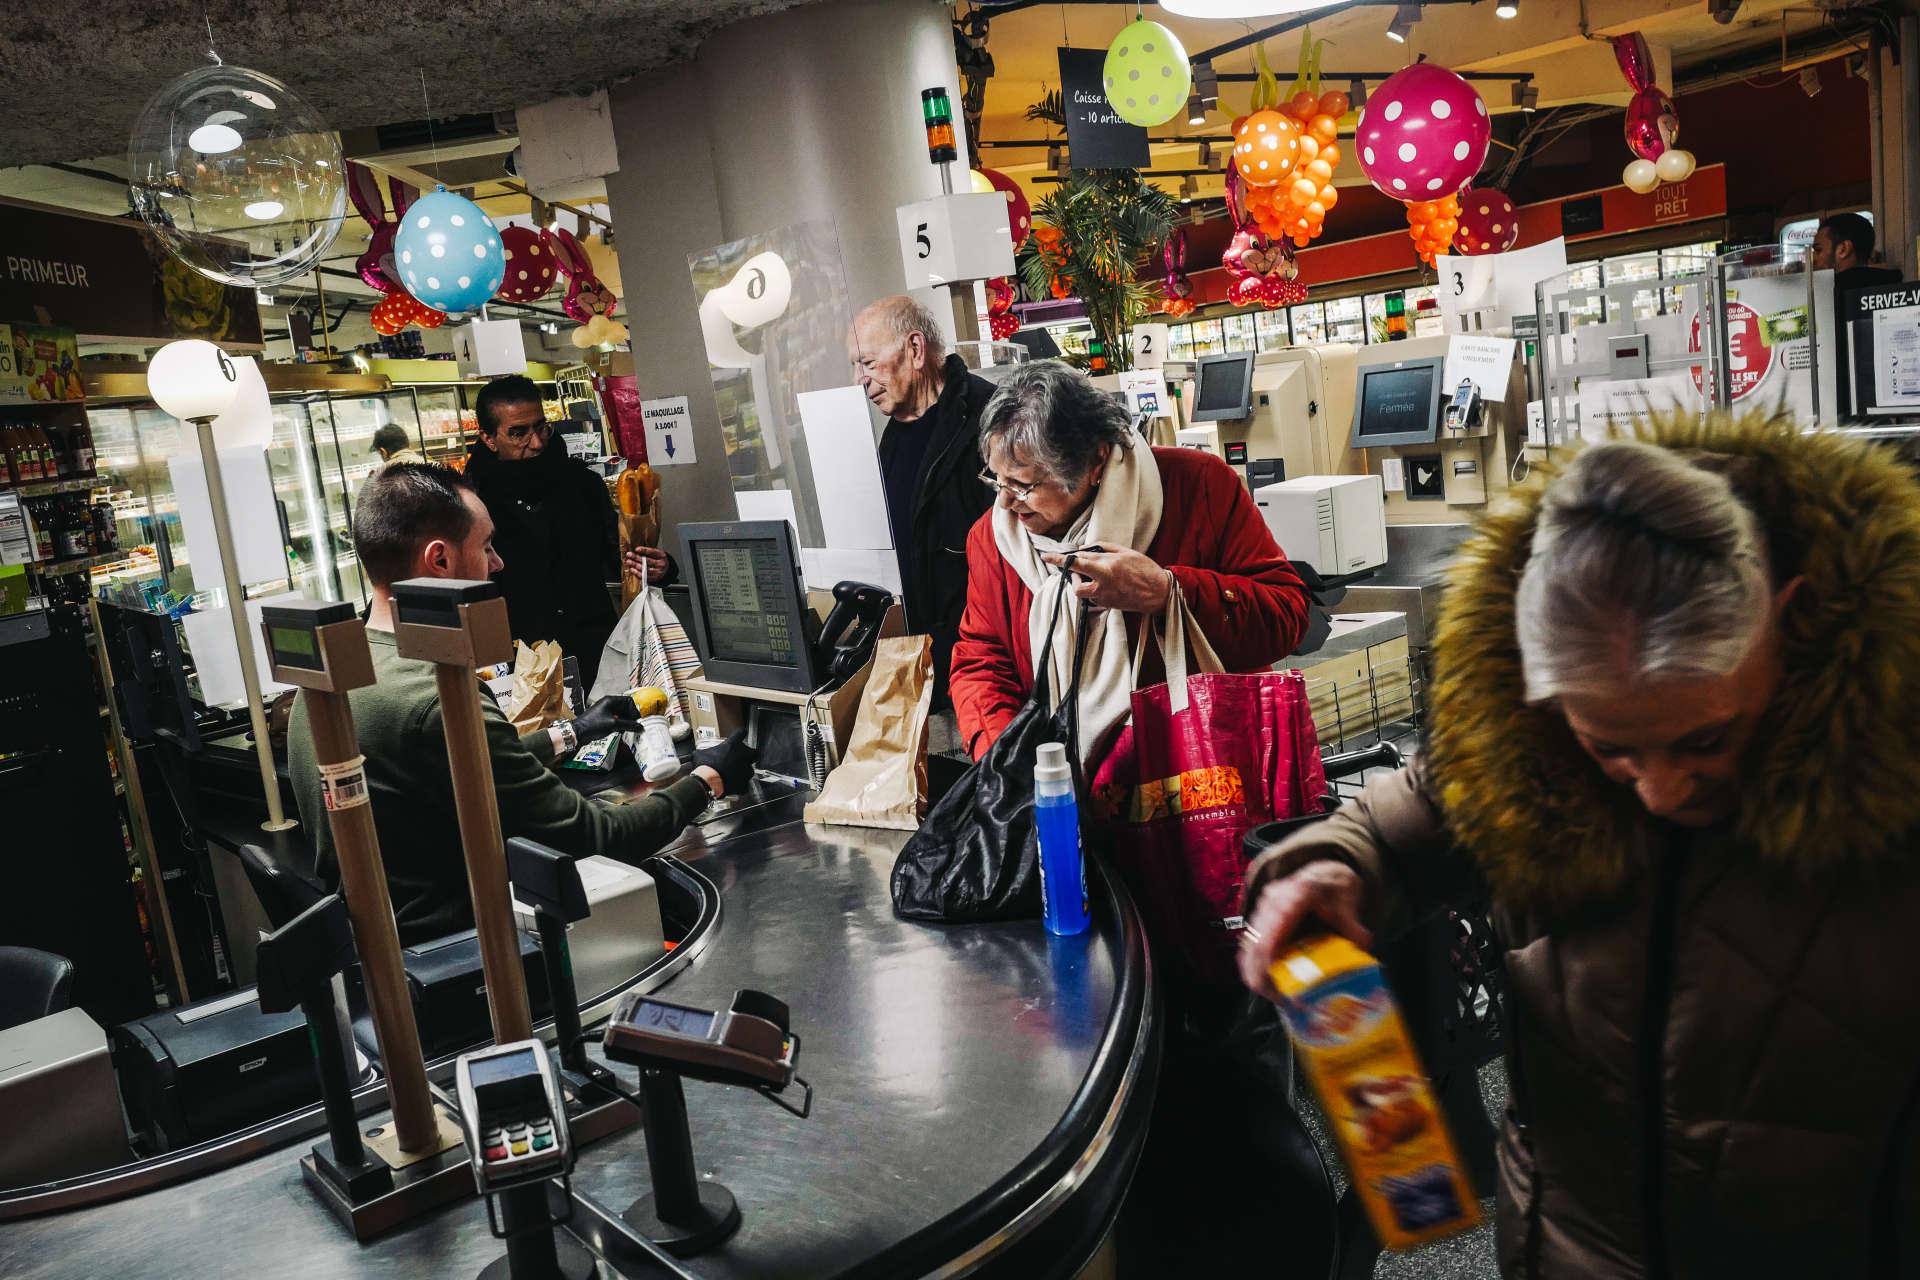 A Issy-les-Moulineaux dans les Hauts-de-Seine, un supermarché ouvre exceptionnellement de 8 heures à 8 h 30 uniquement pour les clients de plus de 70 ans, afin qu'ils limitent leurs contacts lors du confinement.